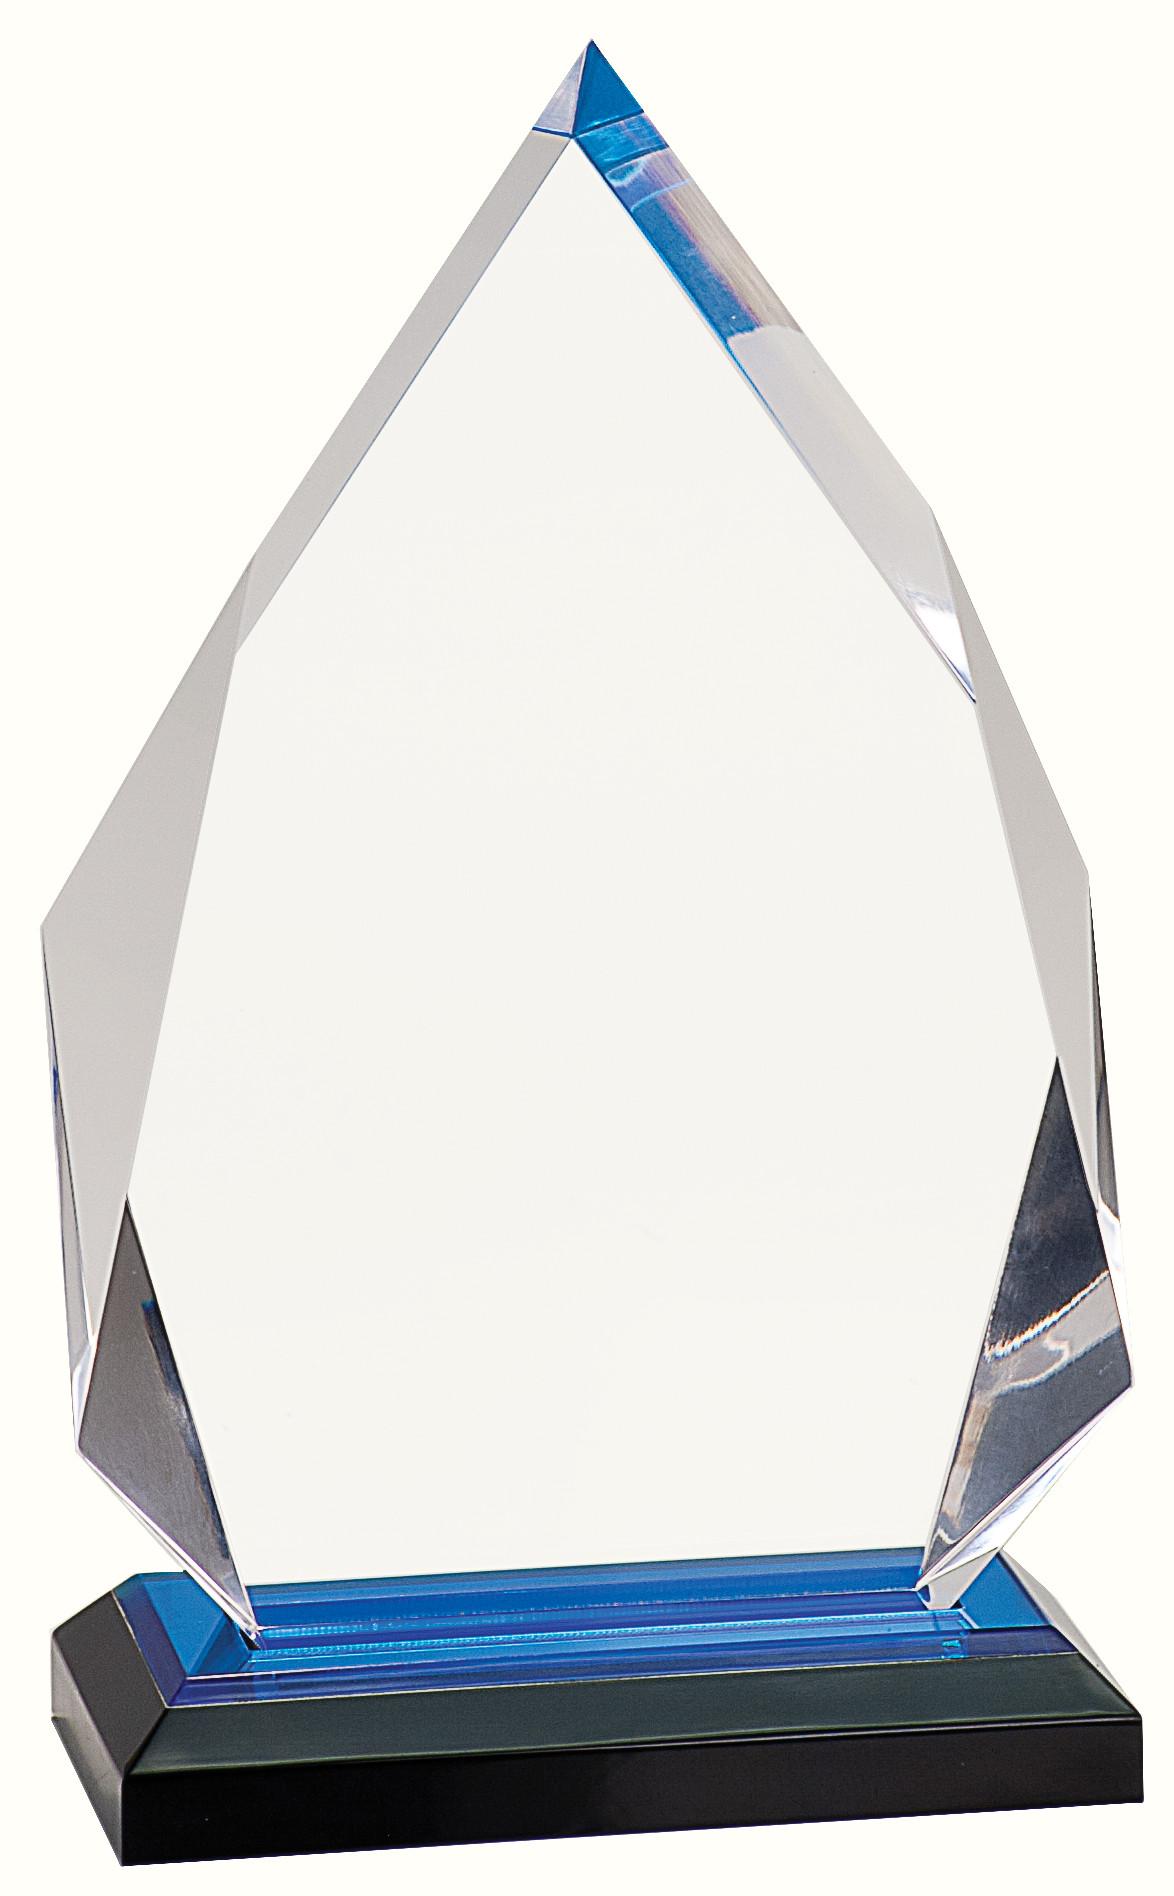 Acrylic Award Engraving